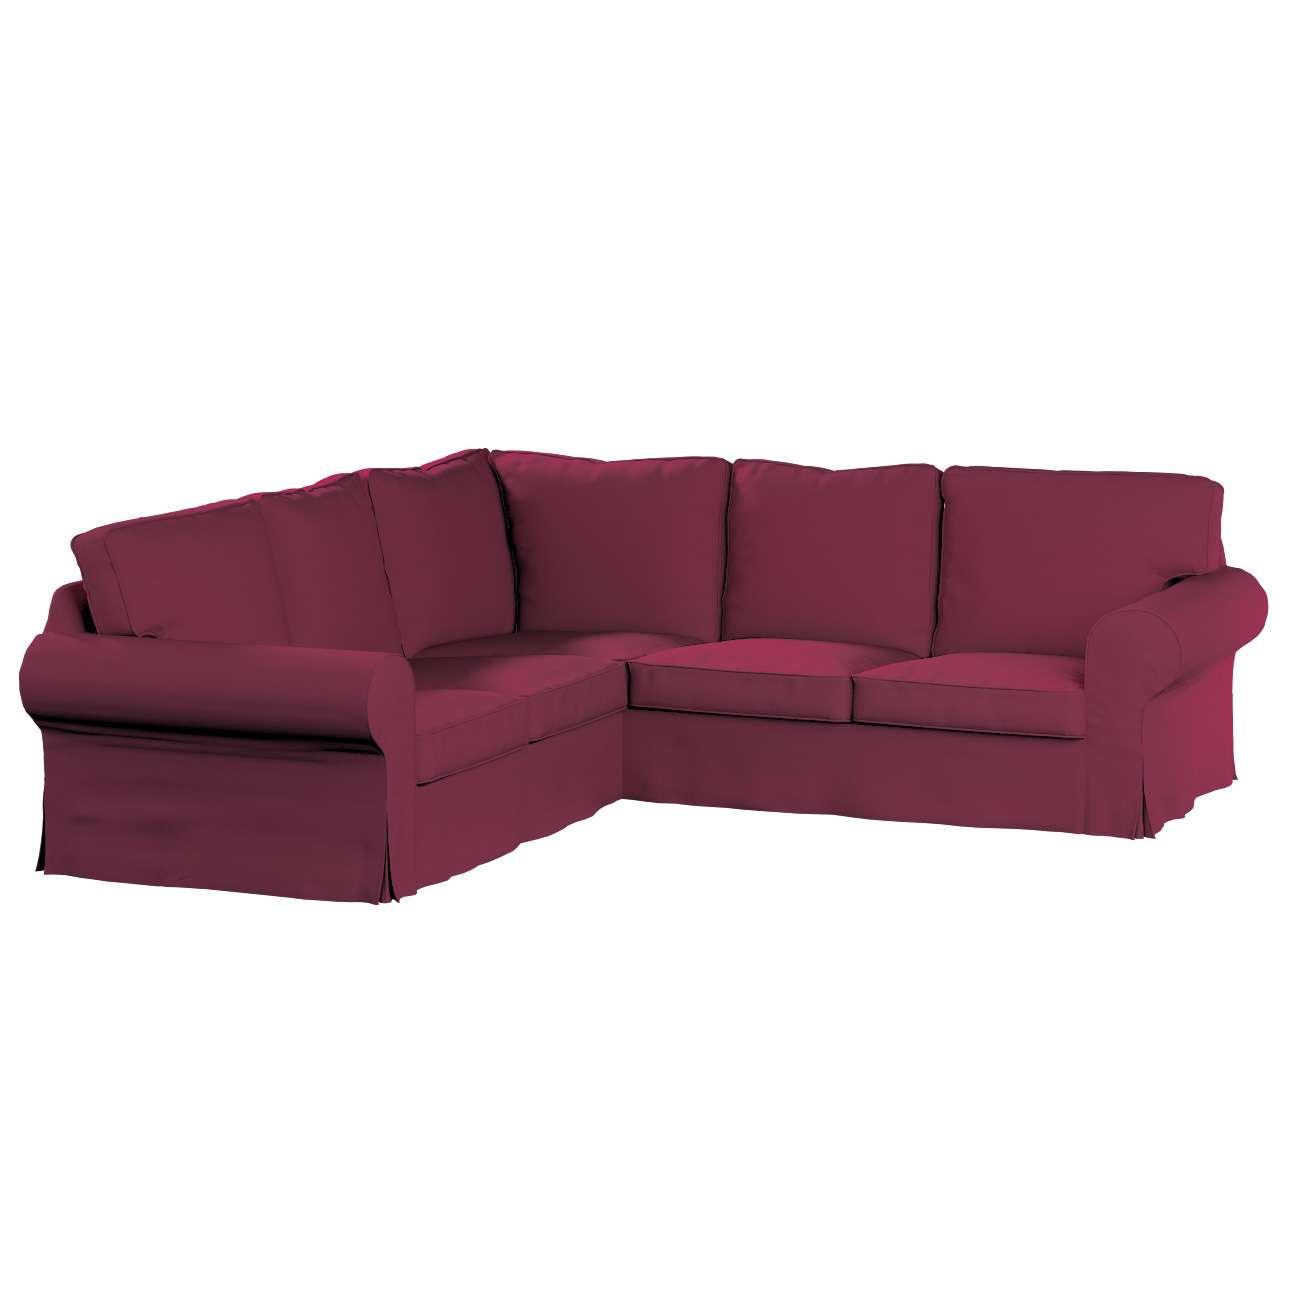 Pokrowiec na sofę narożną Ektorp w kolekcji Cotton Panama, tkanina: 702-32